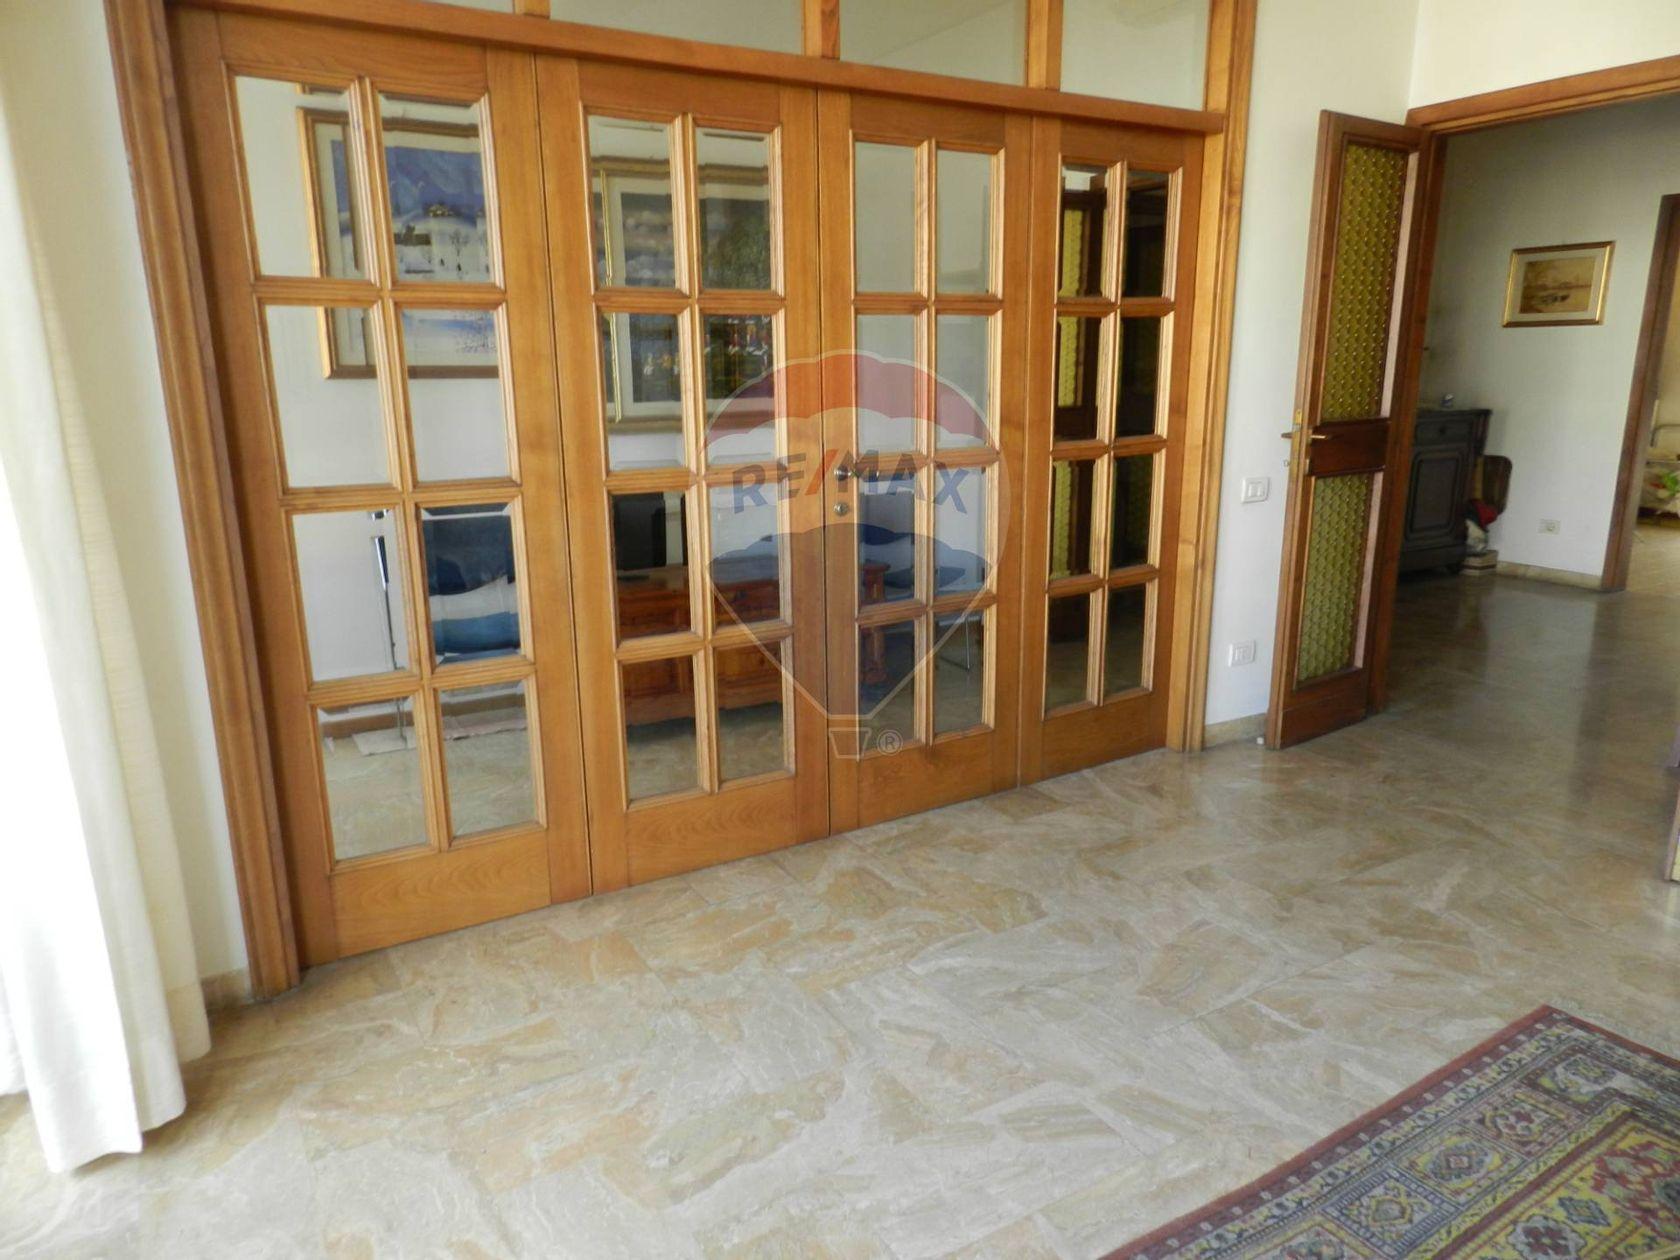 Appartamento Firenze - Porta A Prato San Jacopino Fortezza, Firenze, FI Vendita - Planimetria 1